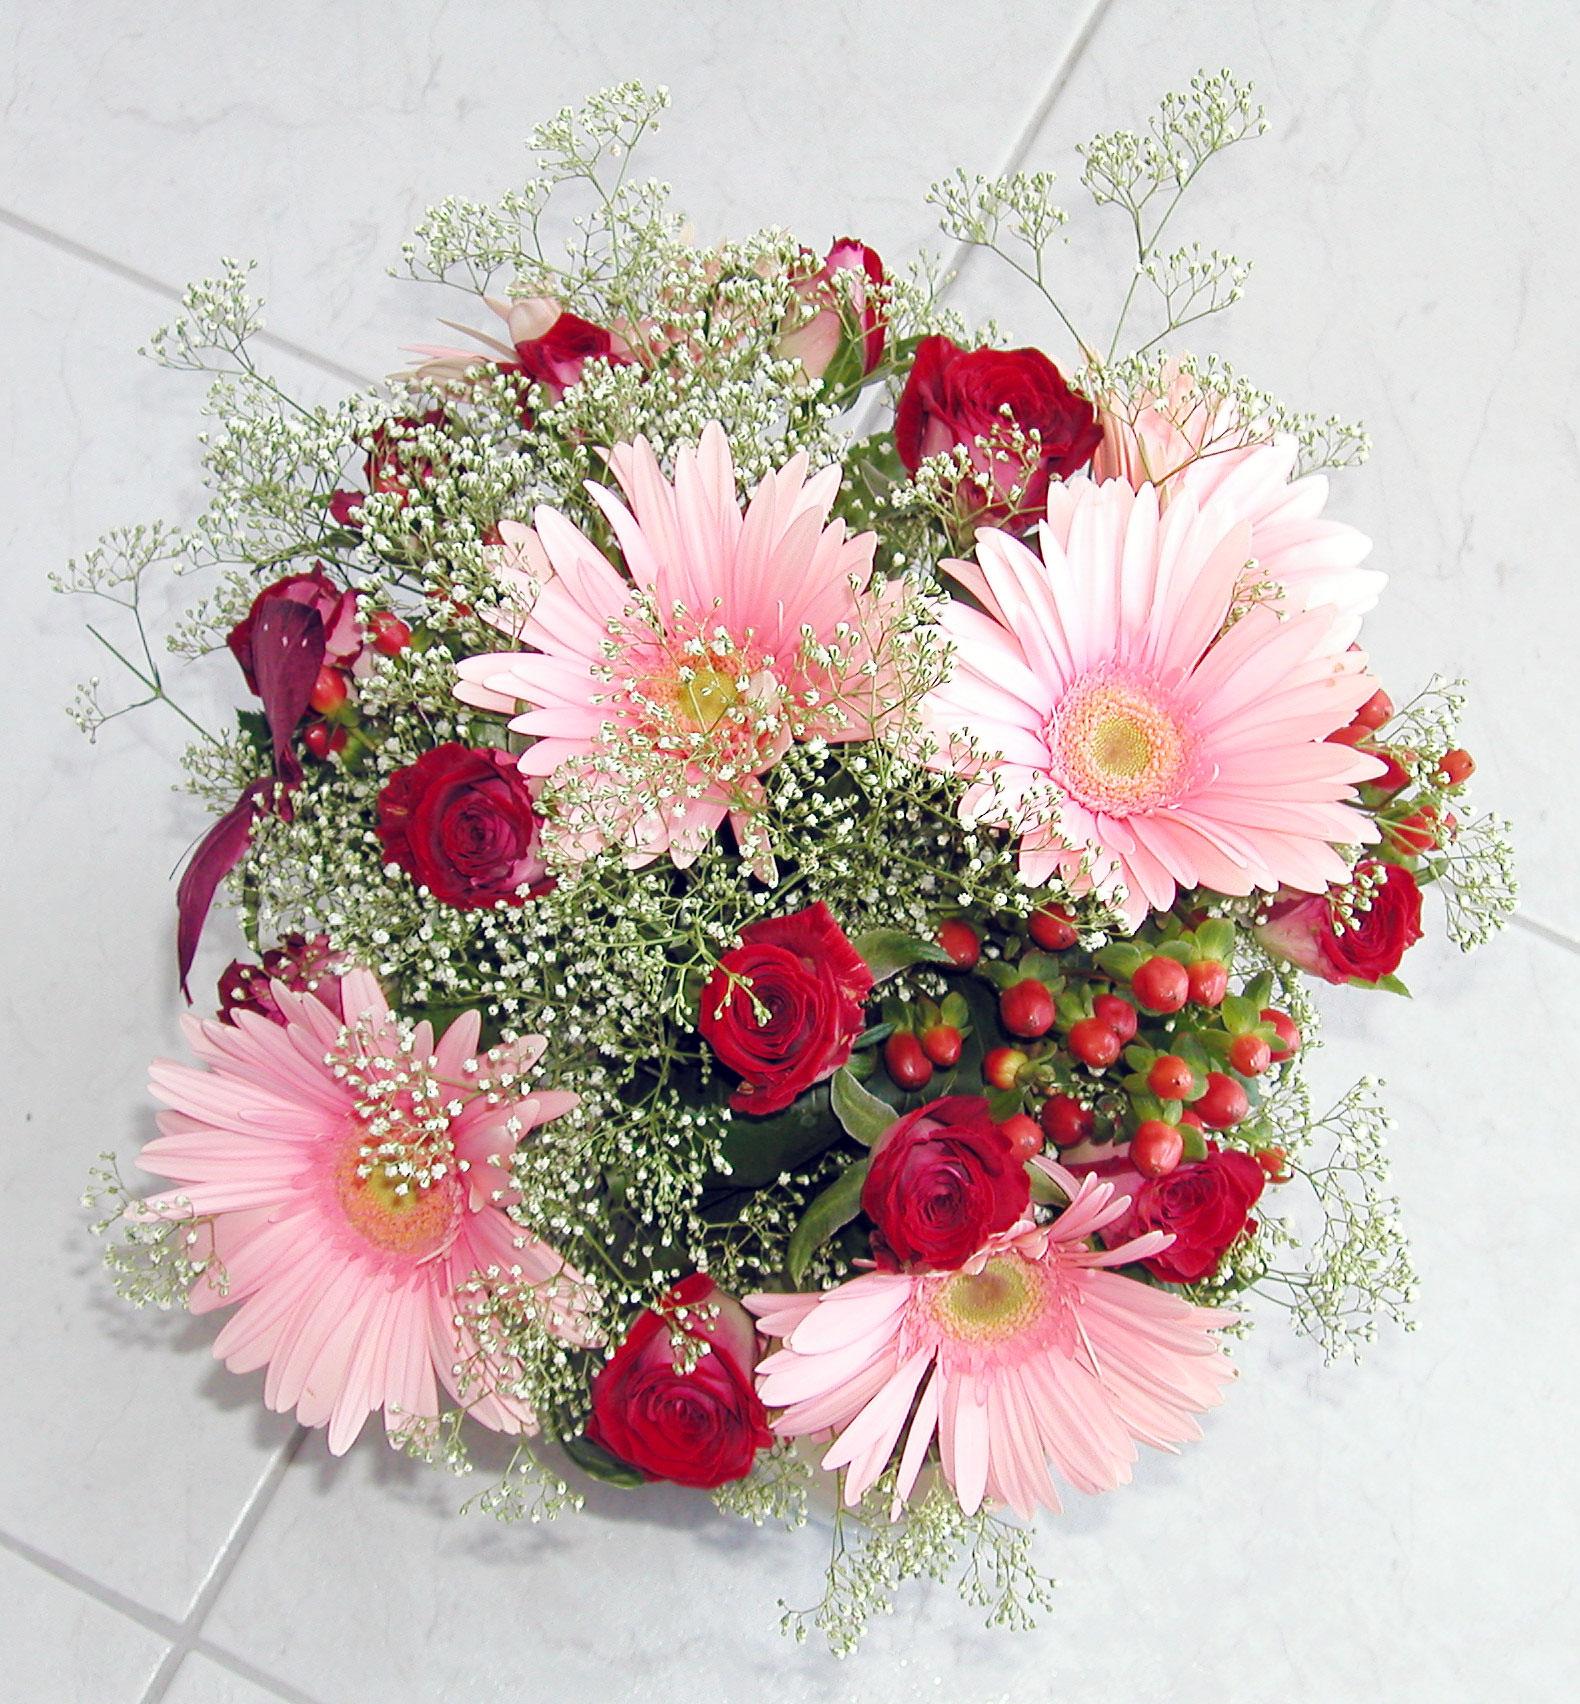 Advice for men sending flowers